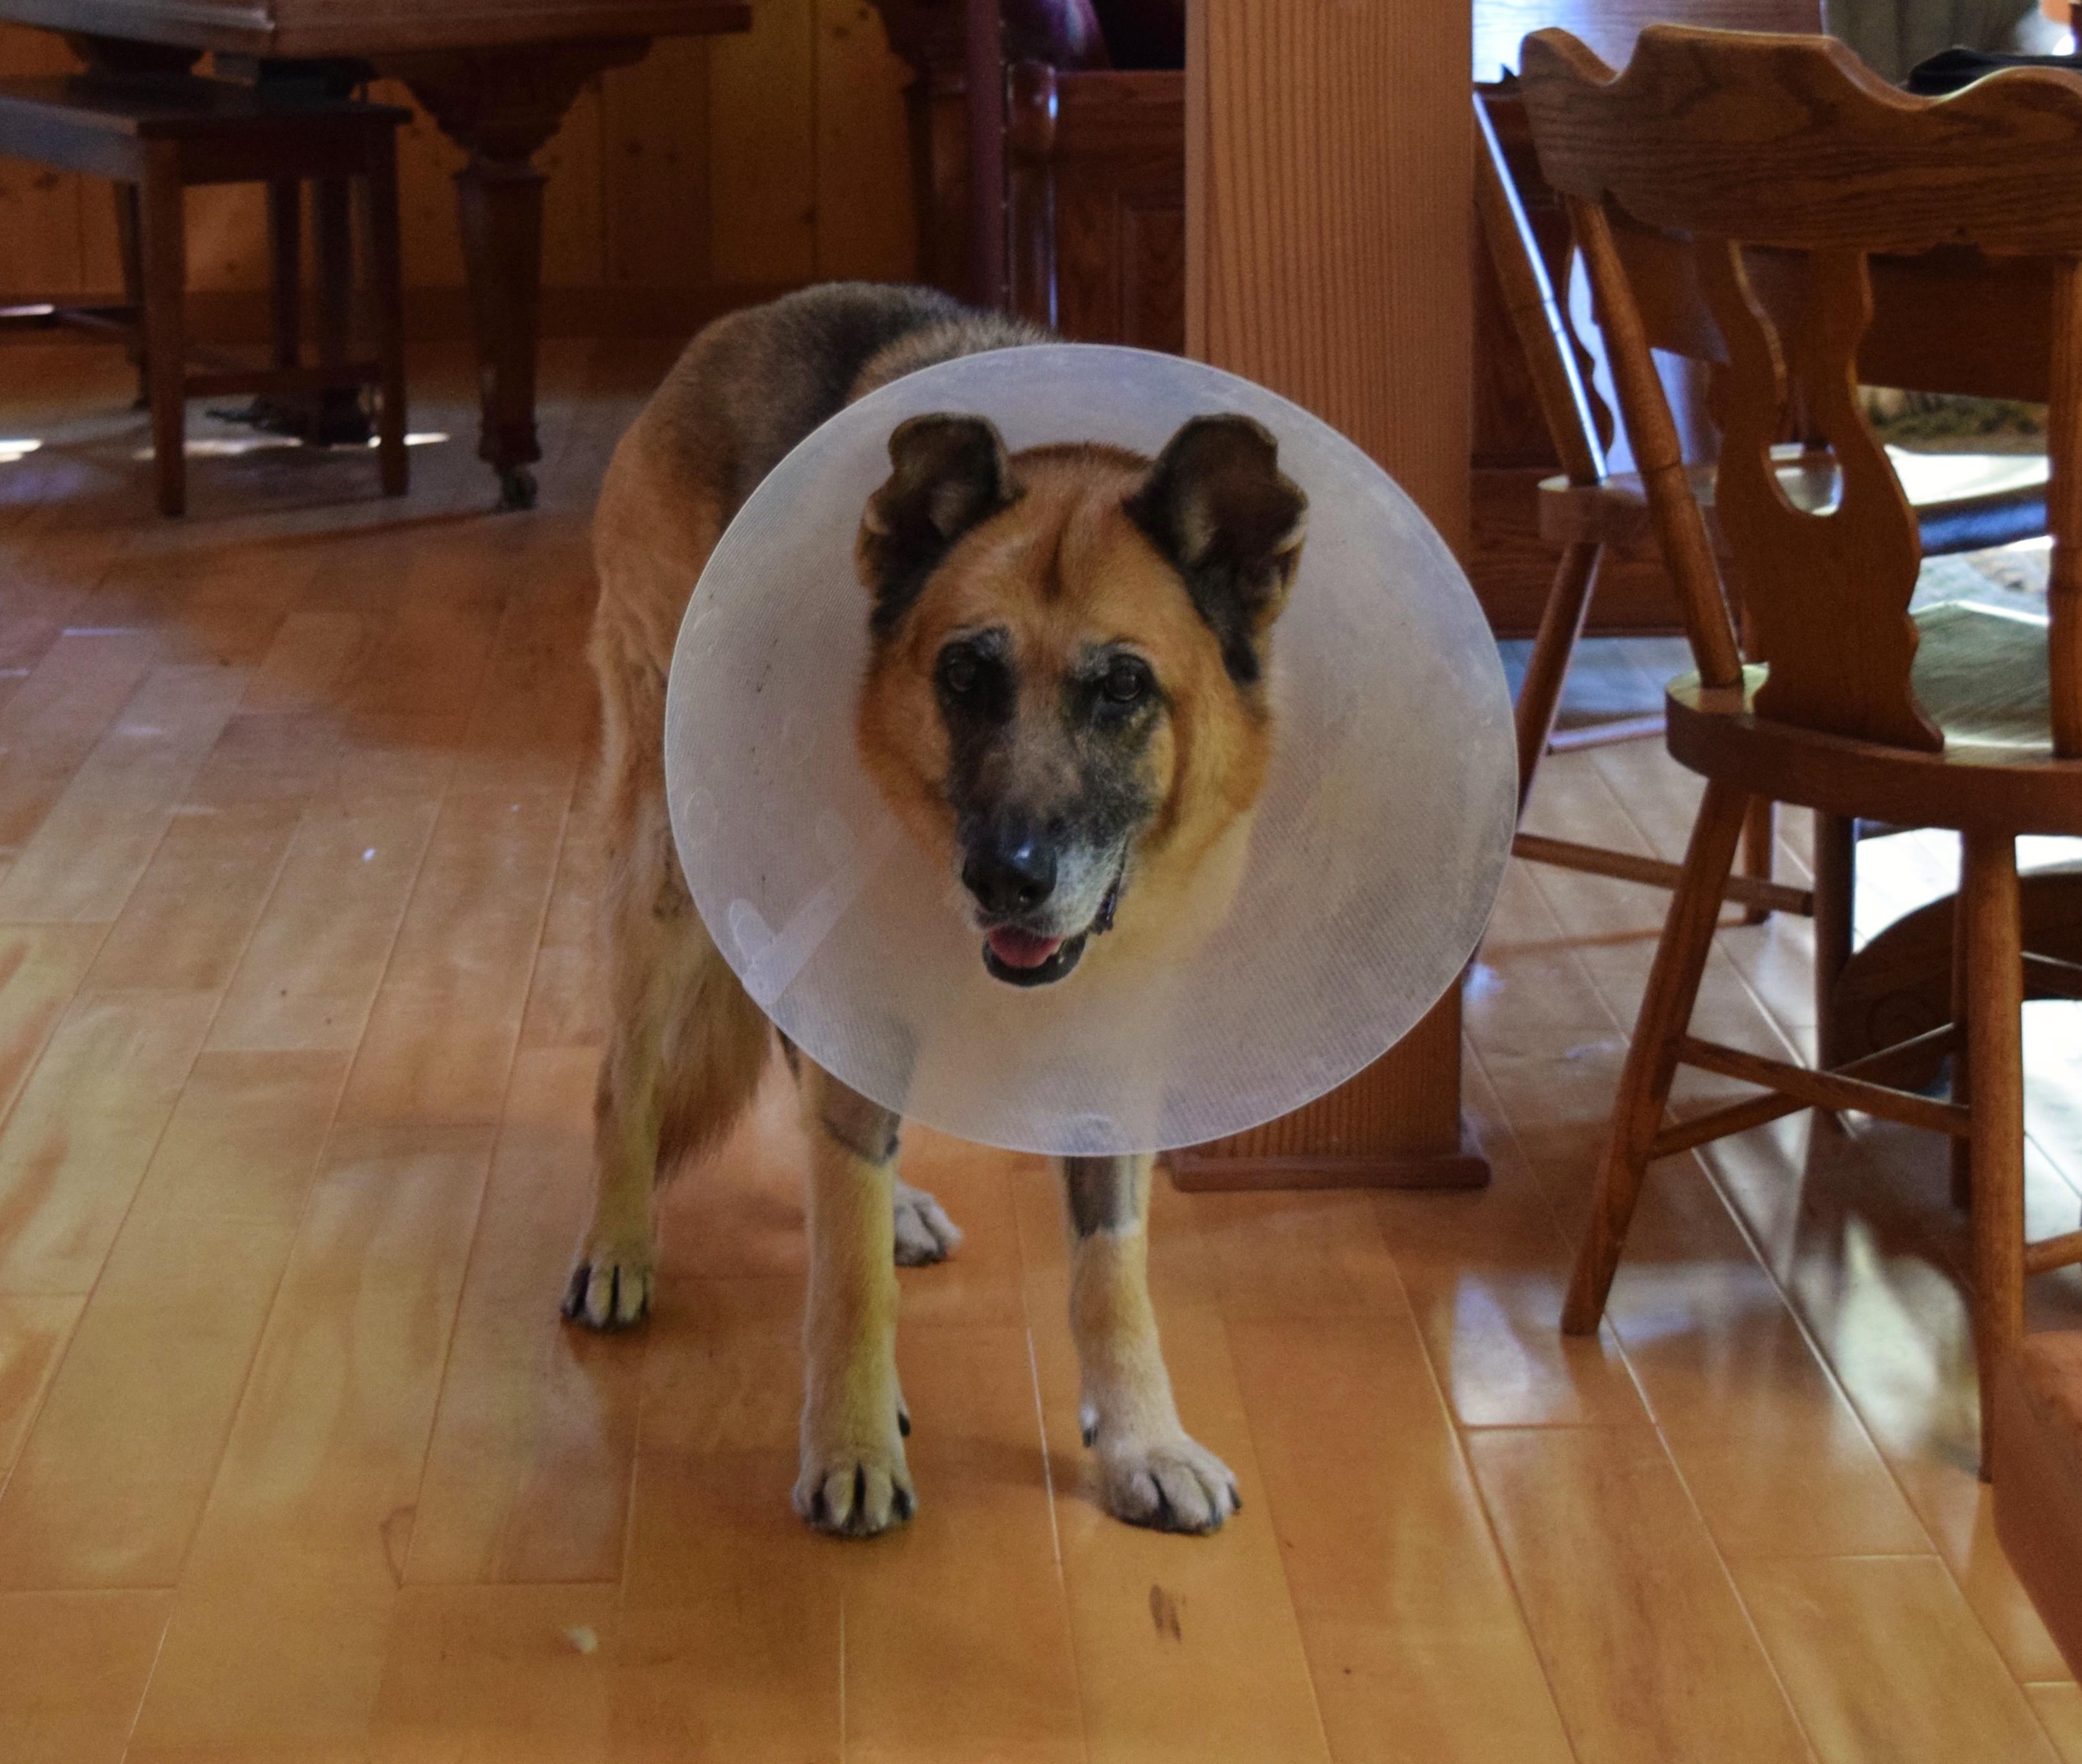 Emma in the cone